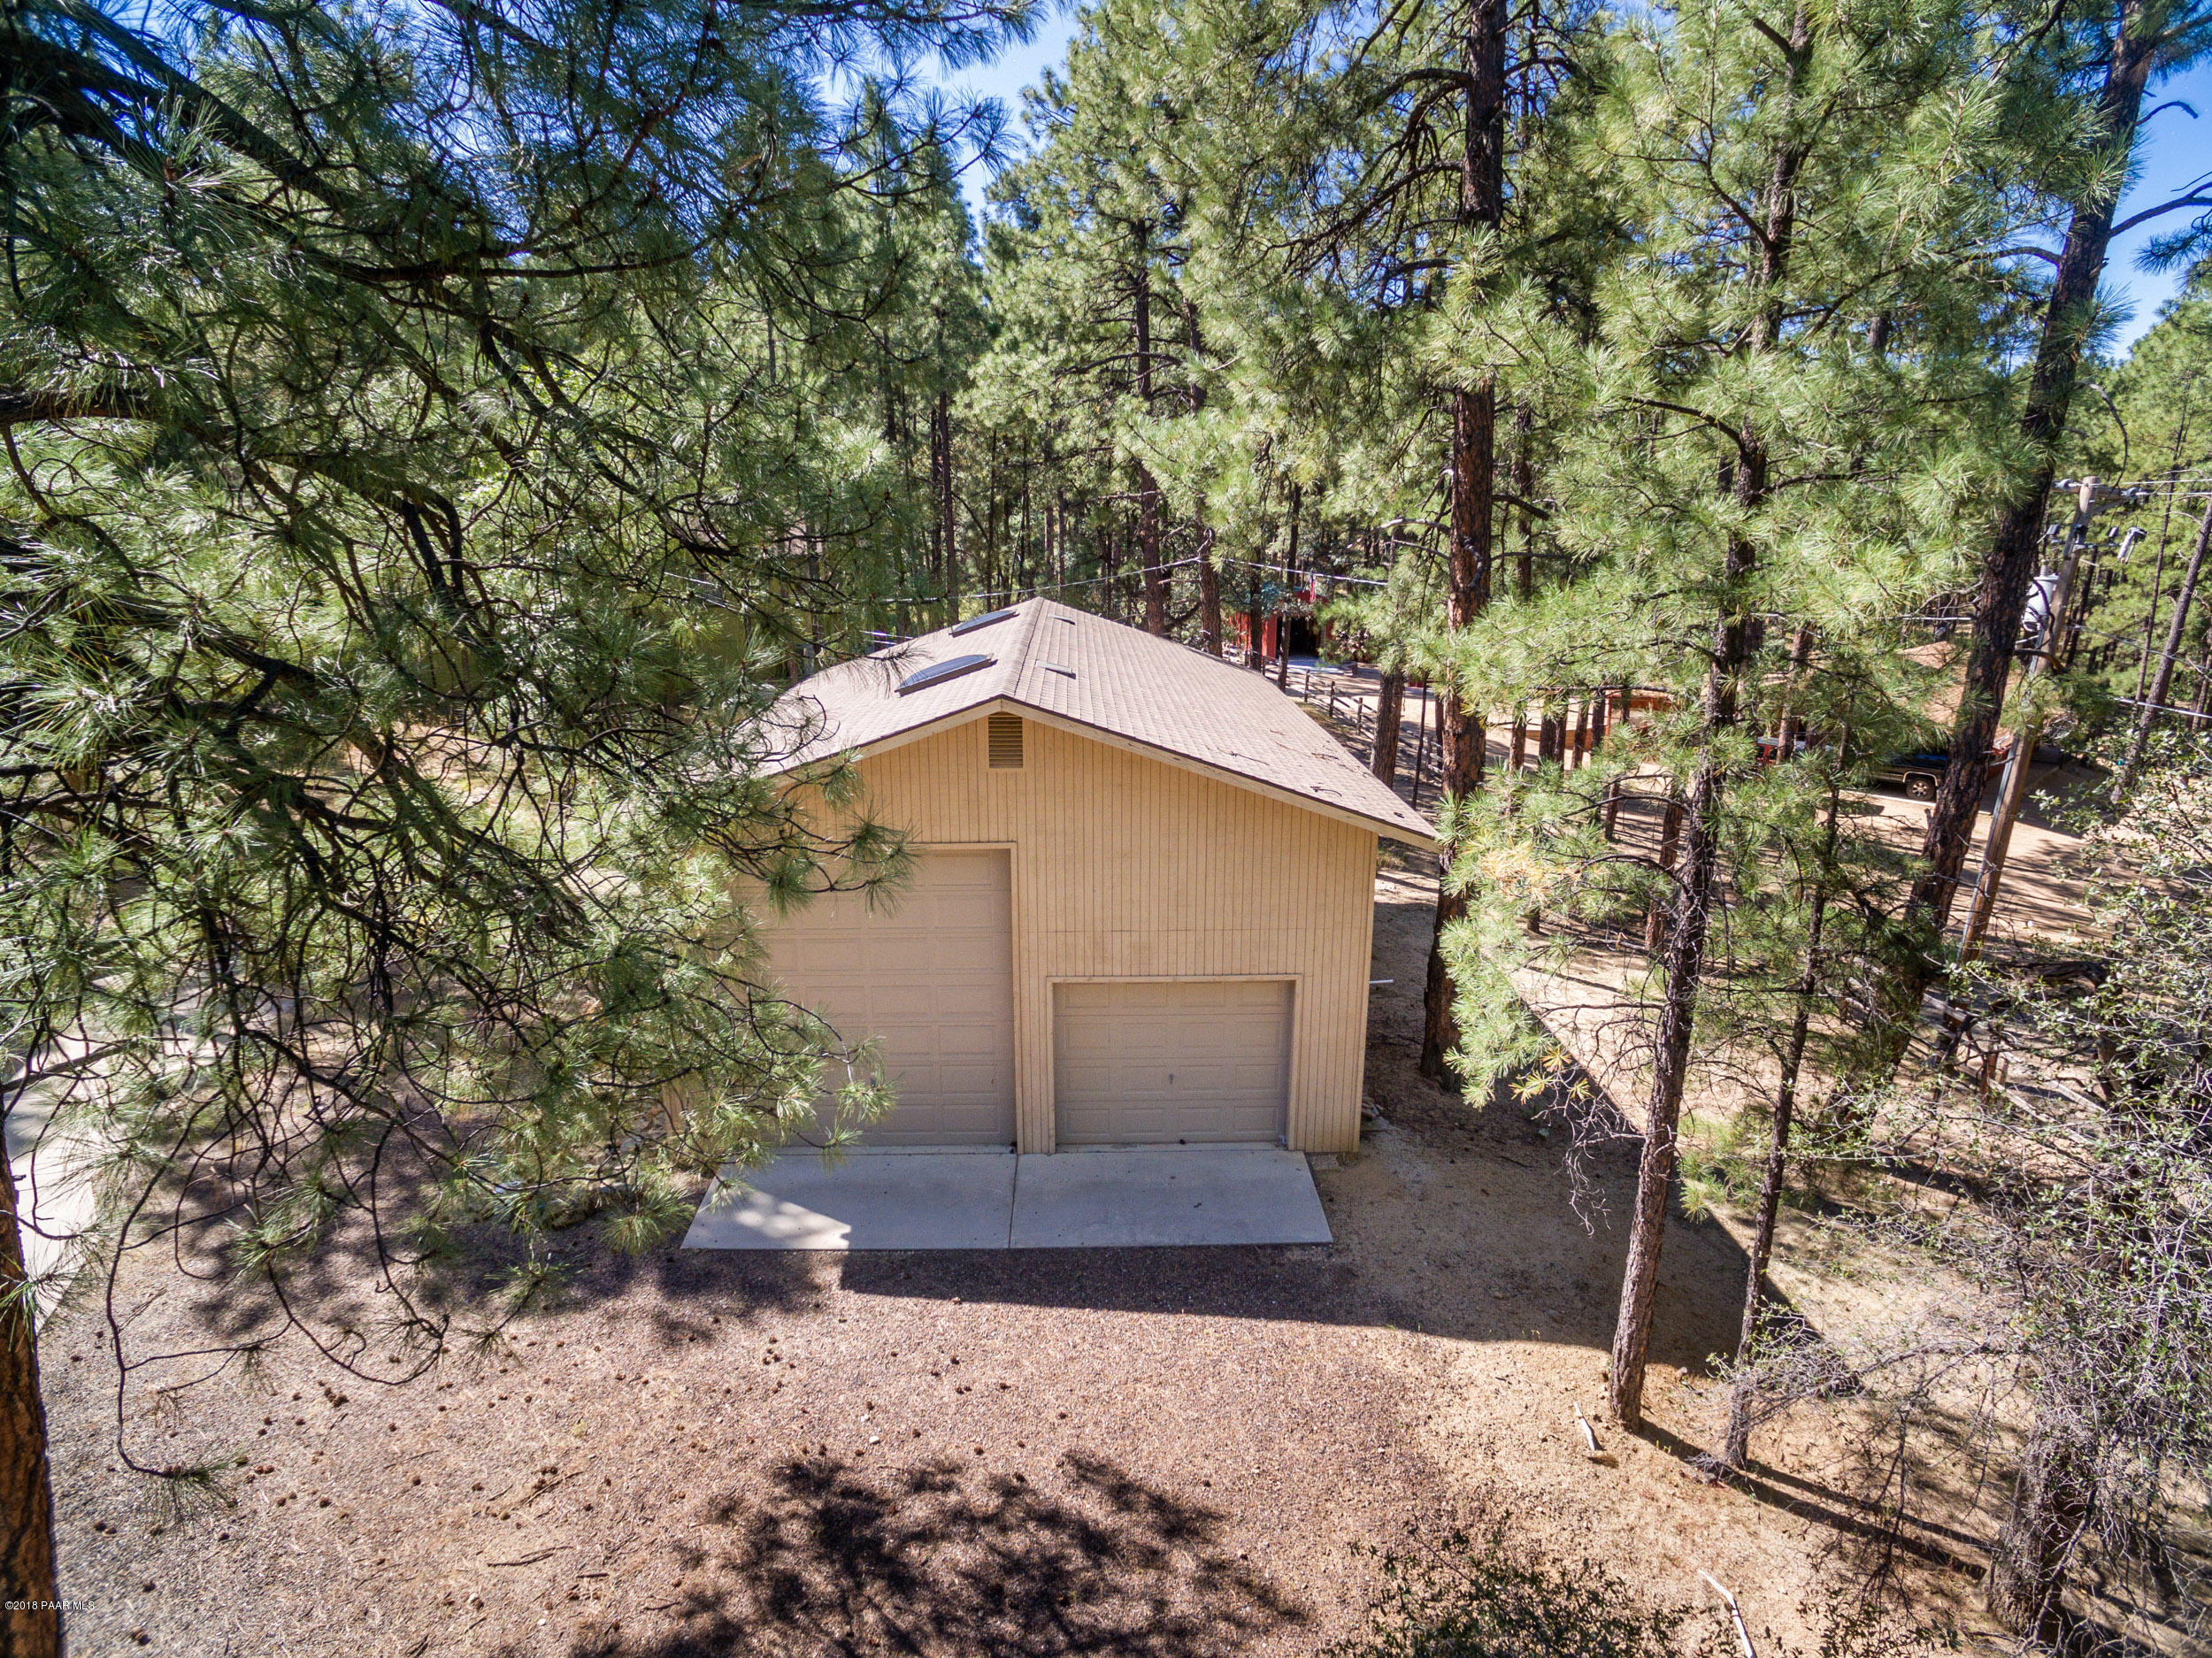 4604 S Camino Vaga Prescott, AZ 86303 - MLS #: 1015492